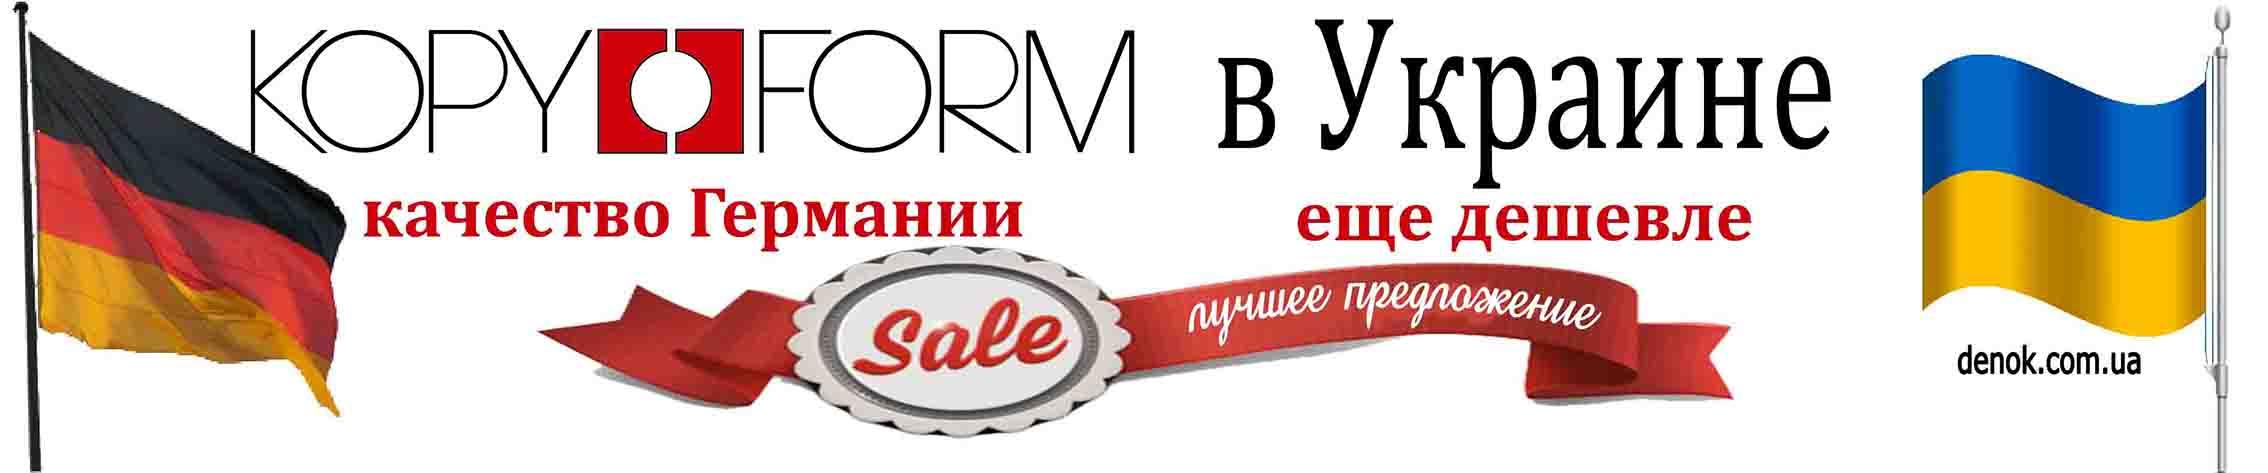 Вафельная бумага Kopyform в Украине